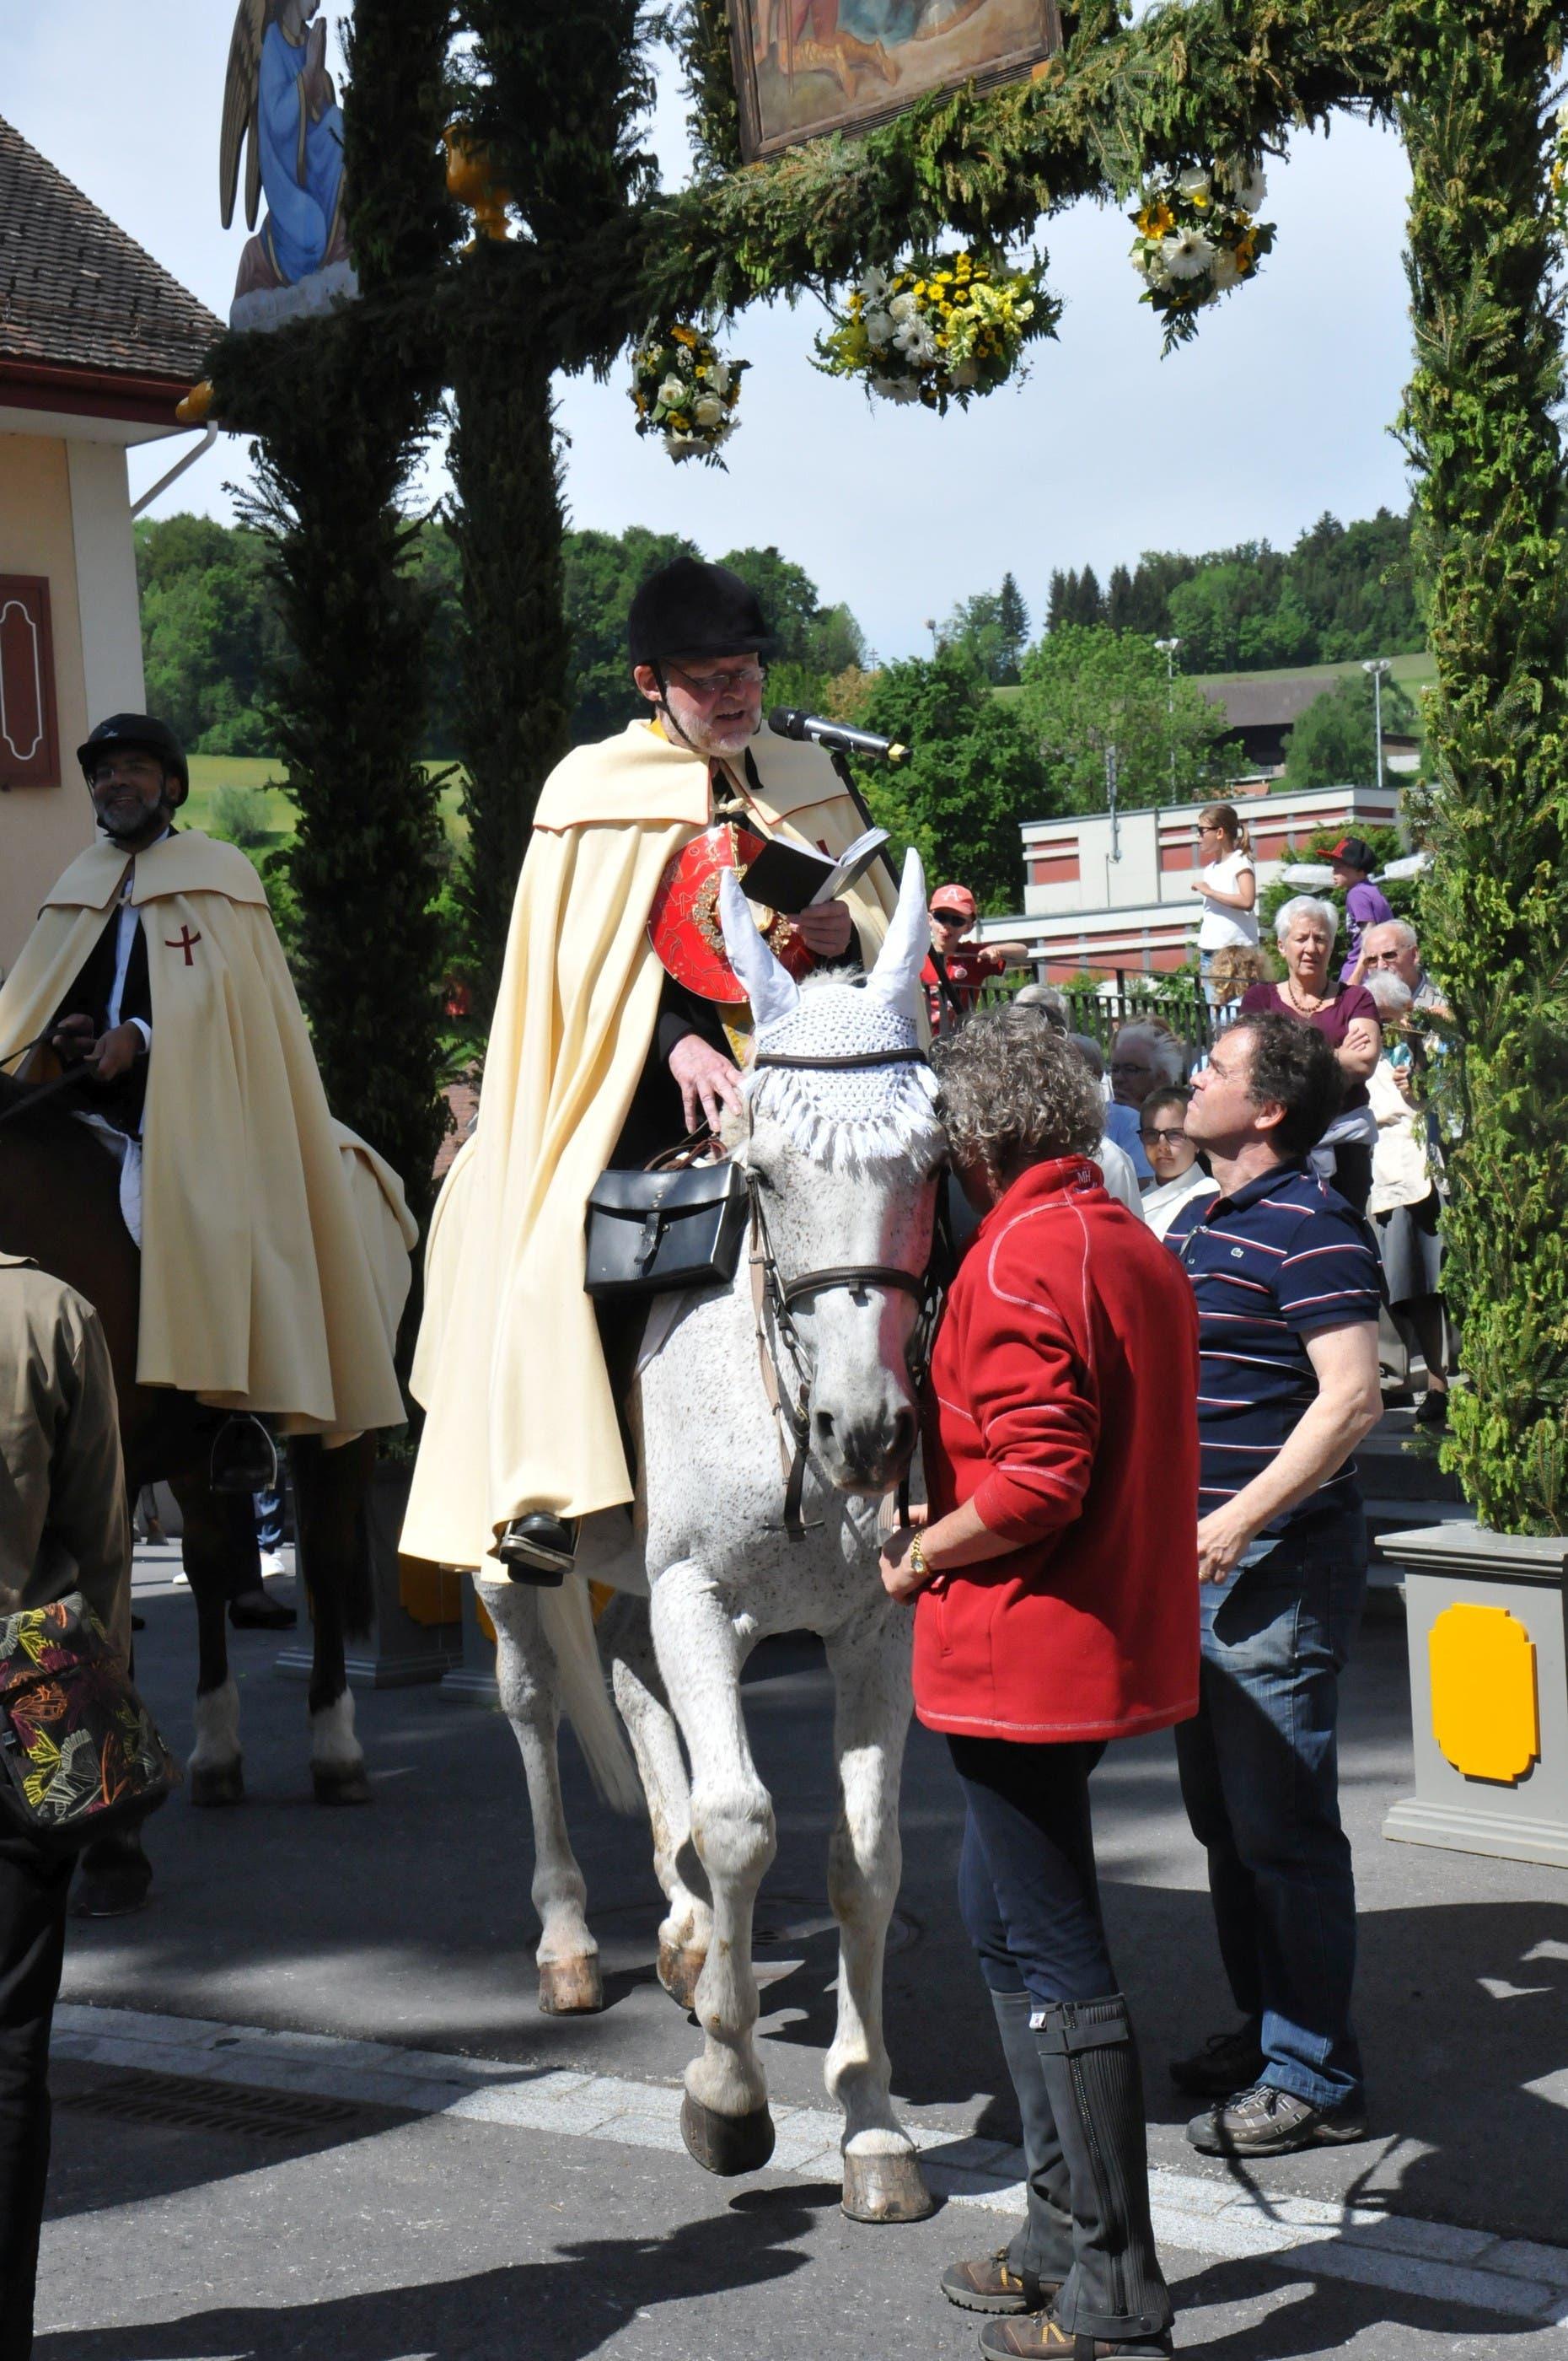 Vor dem Weiterritt wendet sich Pfarrer Helmut Gehmann vor der Kirche in Rickenbach an die Gläubigen